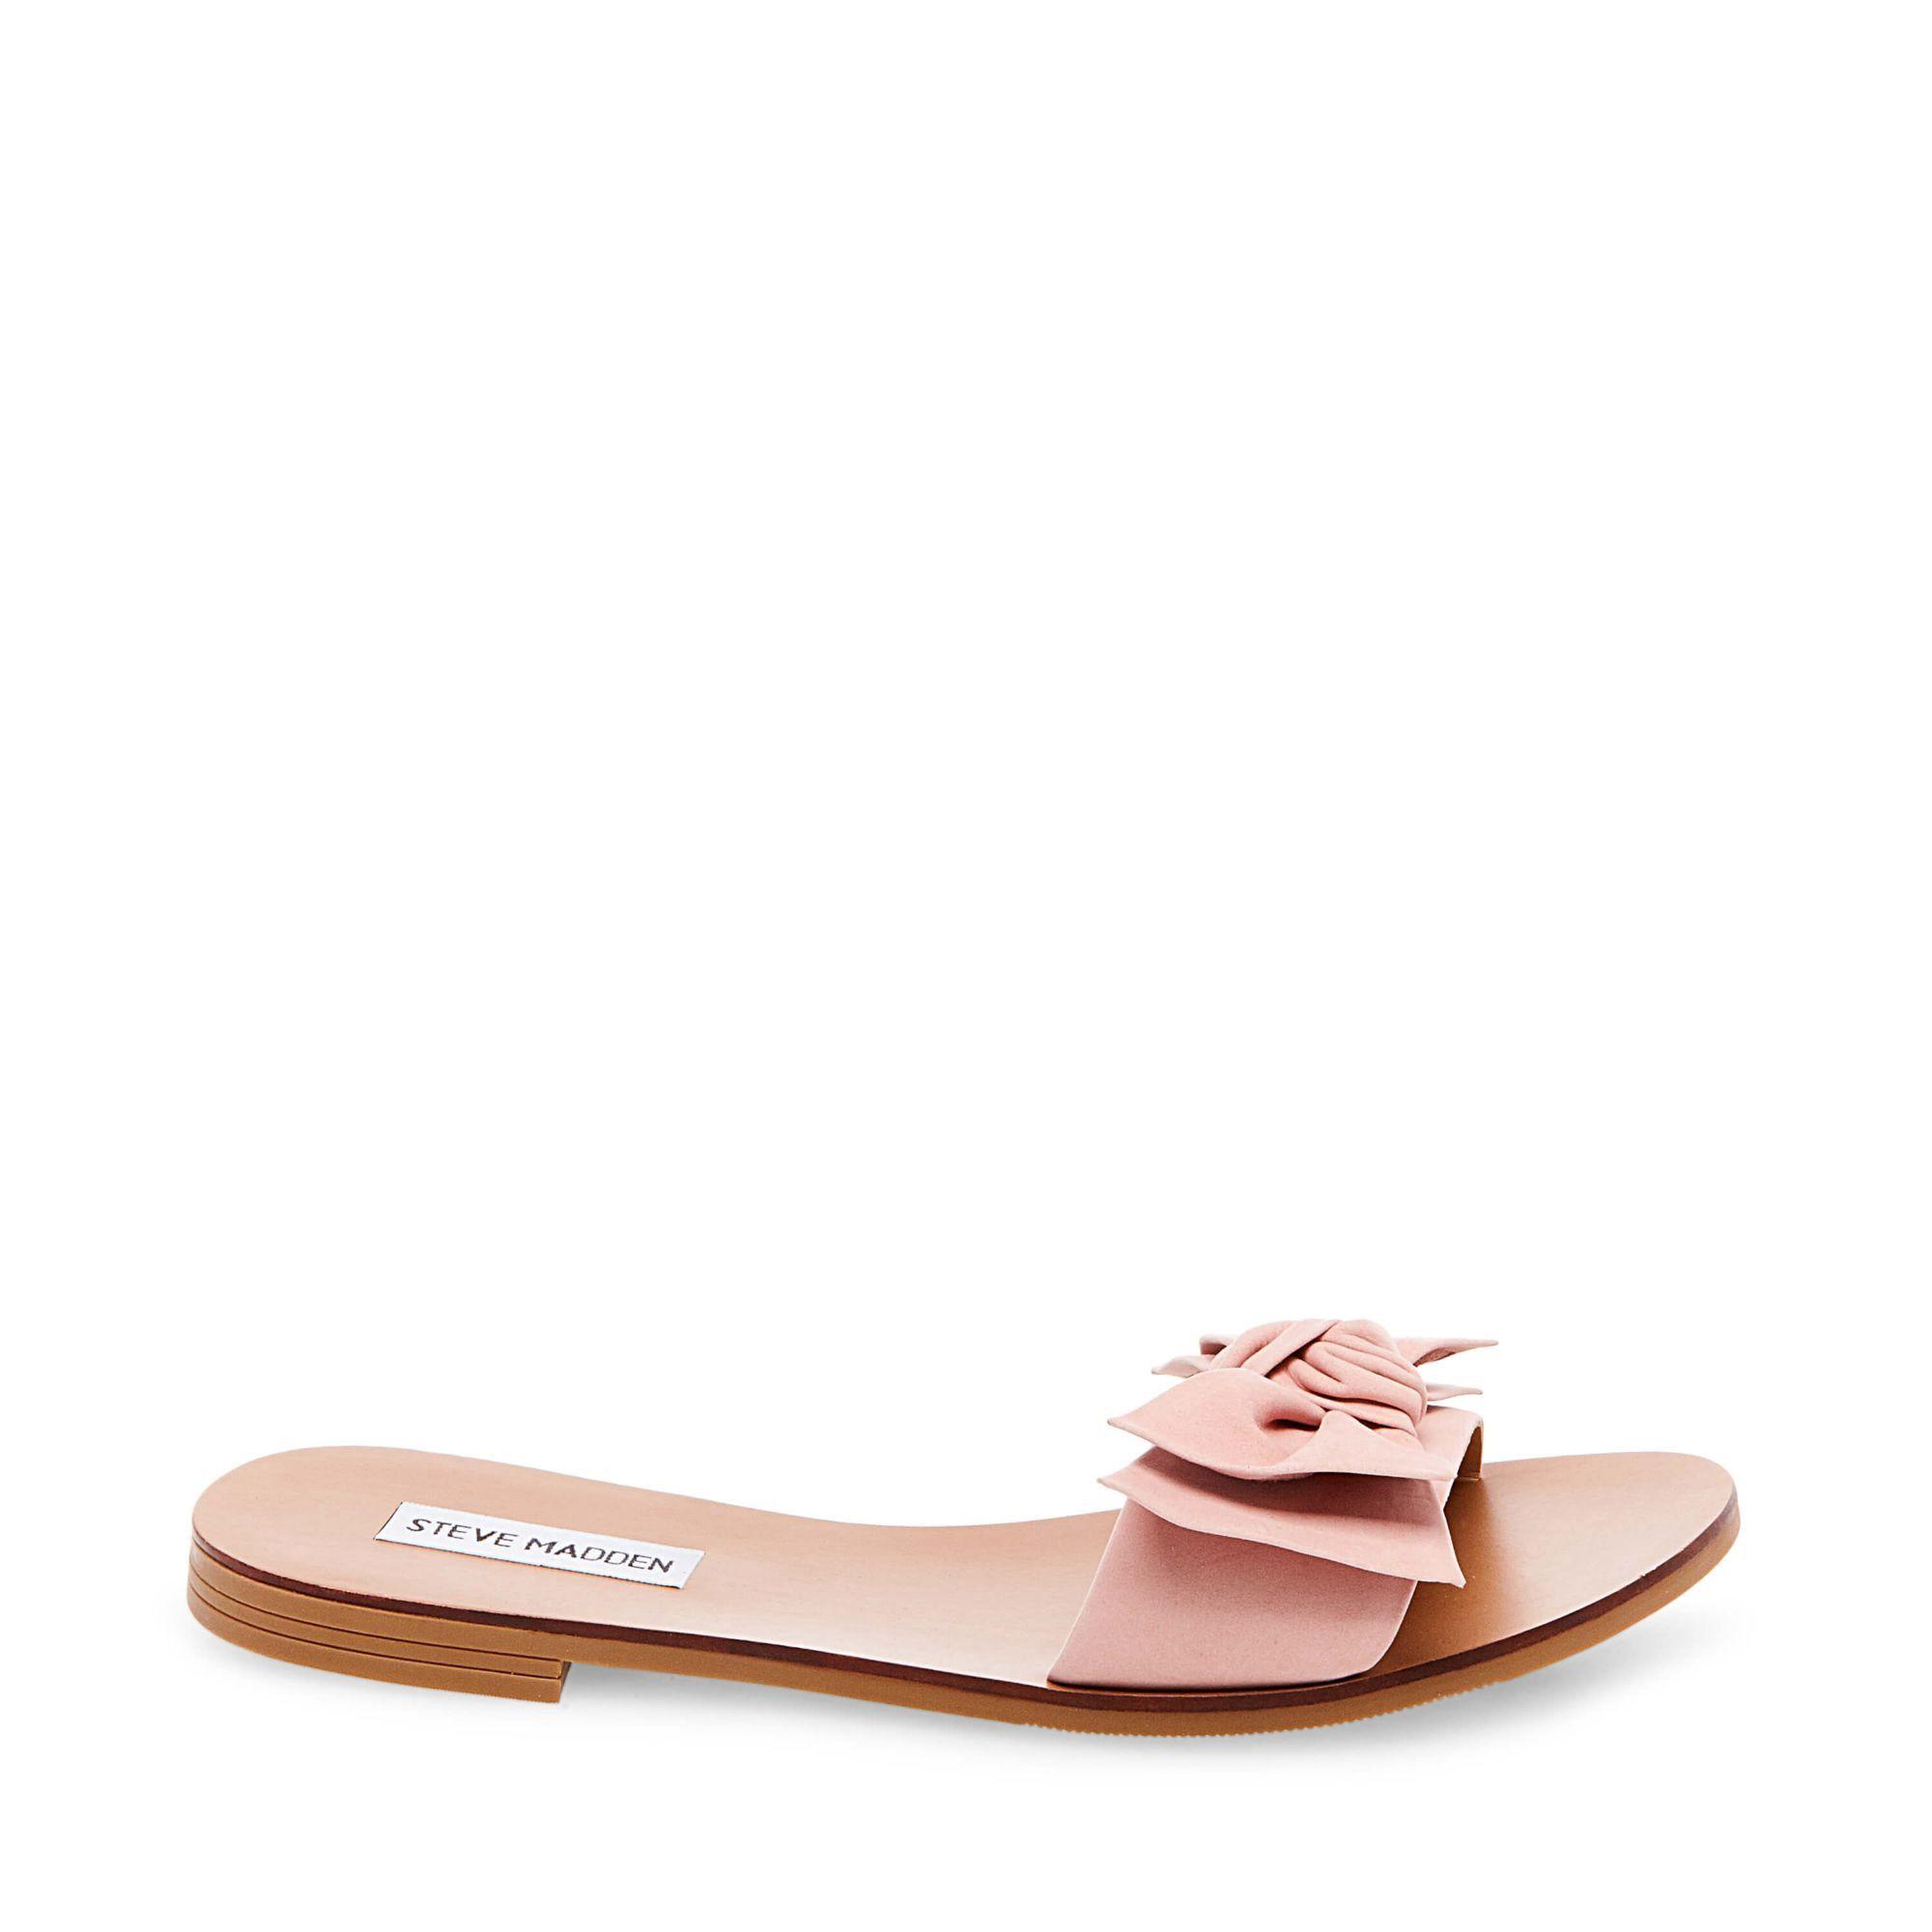 c2df5085108788 STEVE MADDEN Knotss.  stevemadden  shoes  all